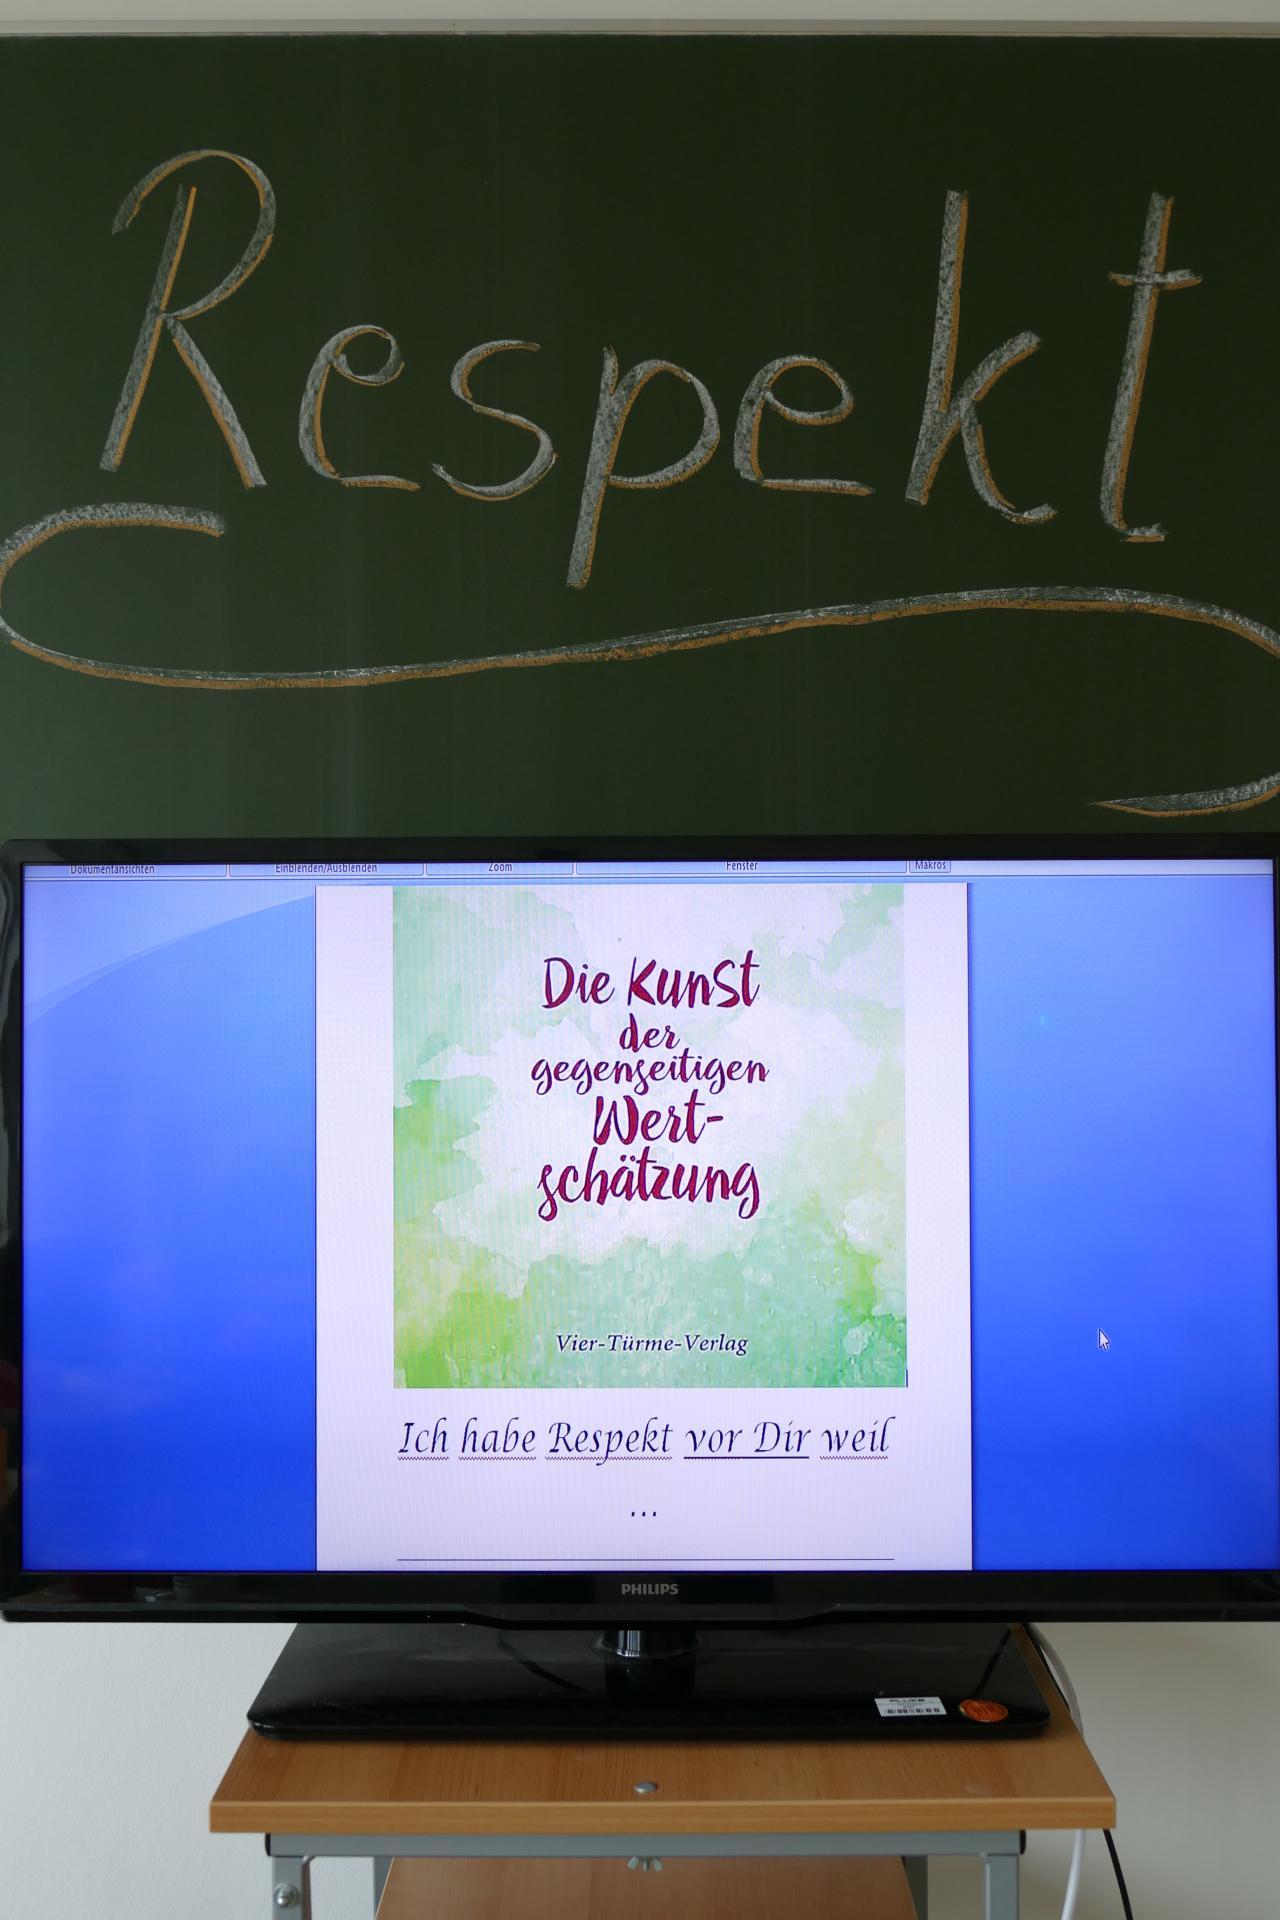 Respekt 7b